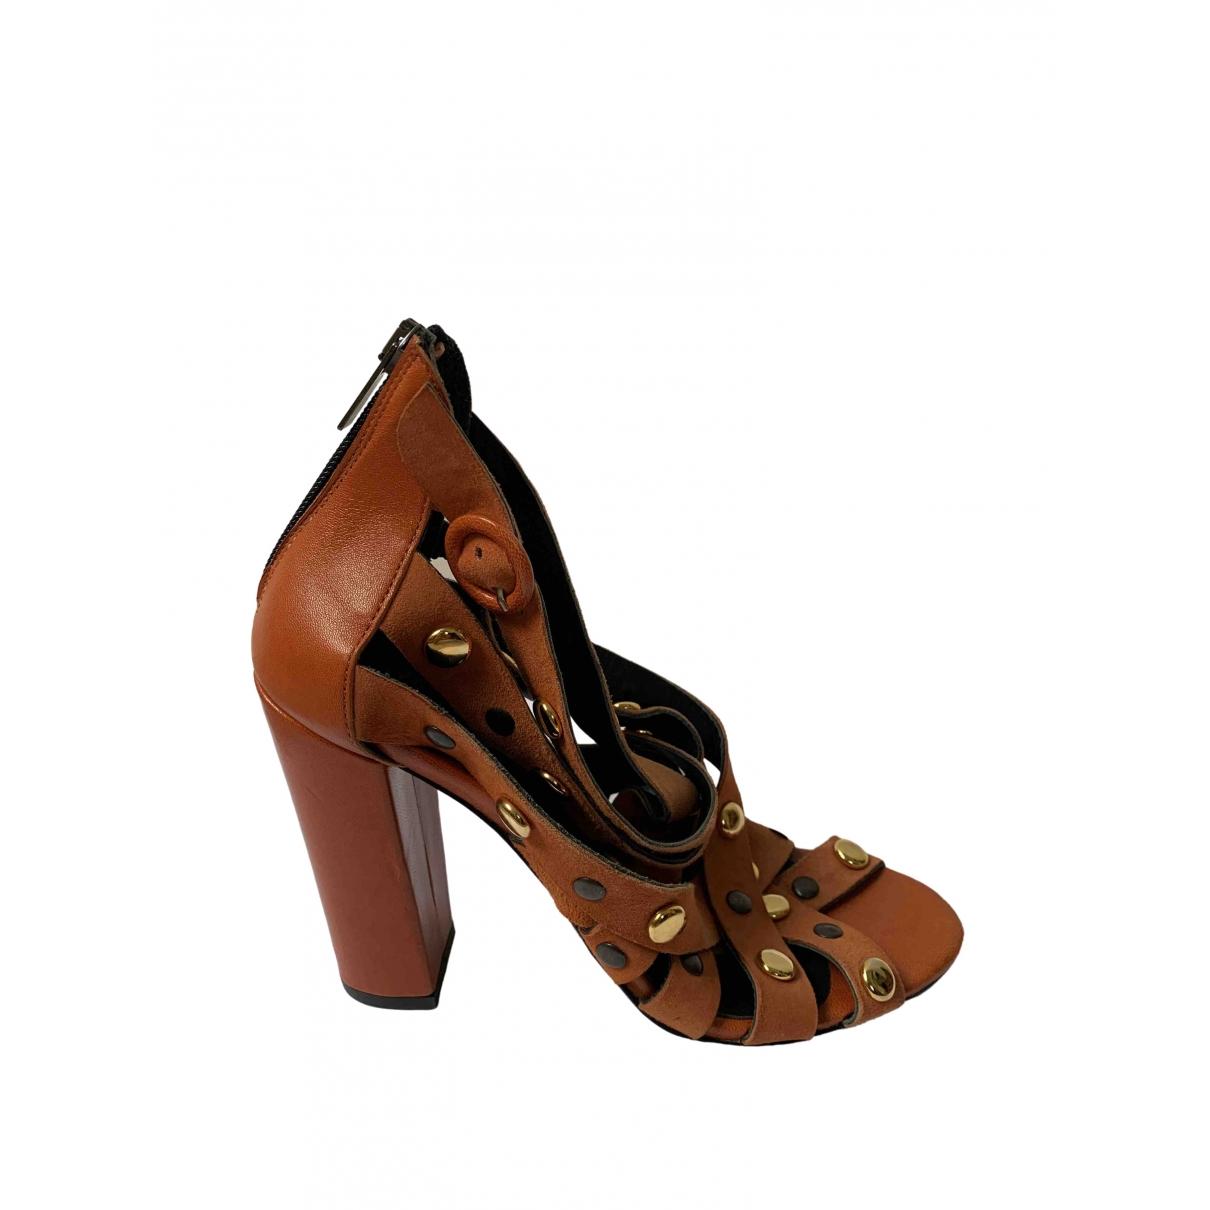 Sandalias romanas de Cuero Morobe